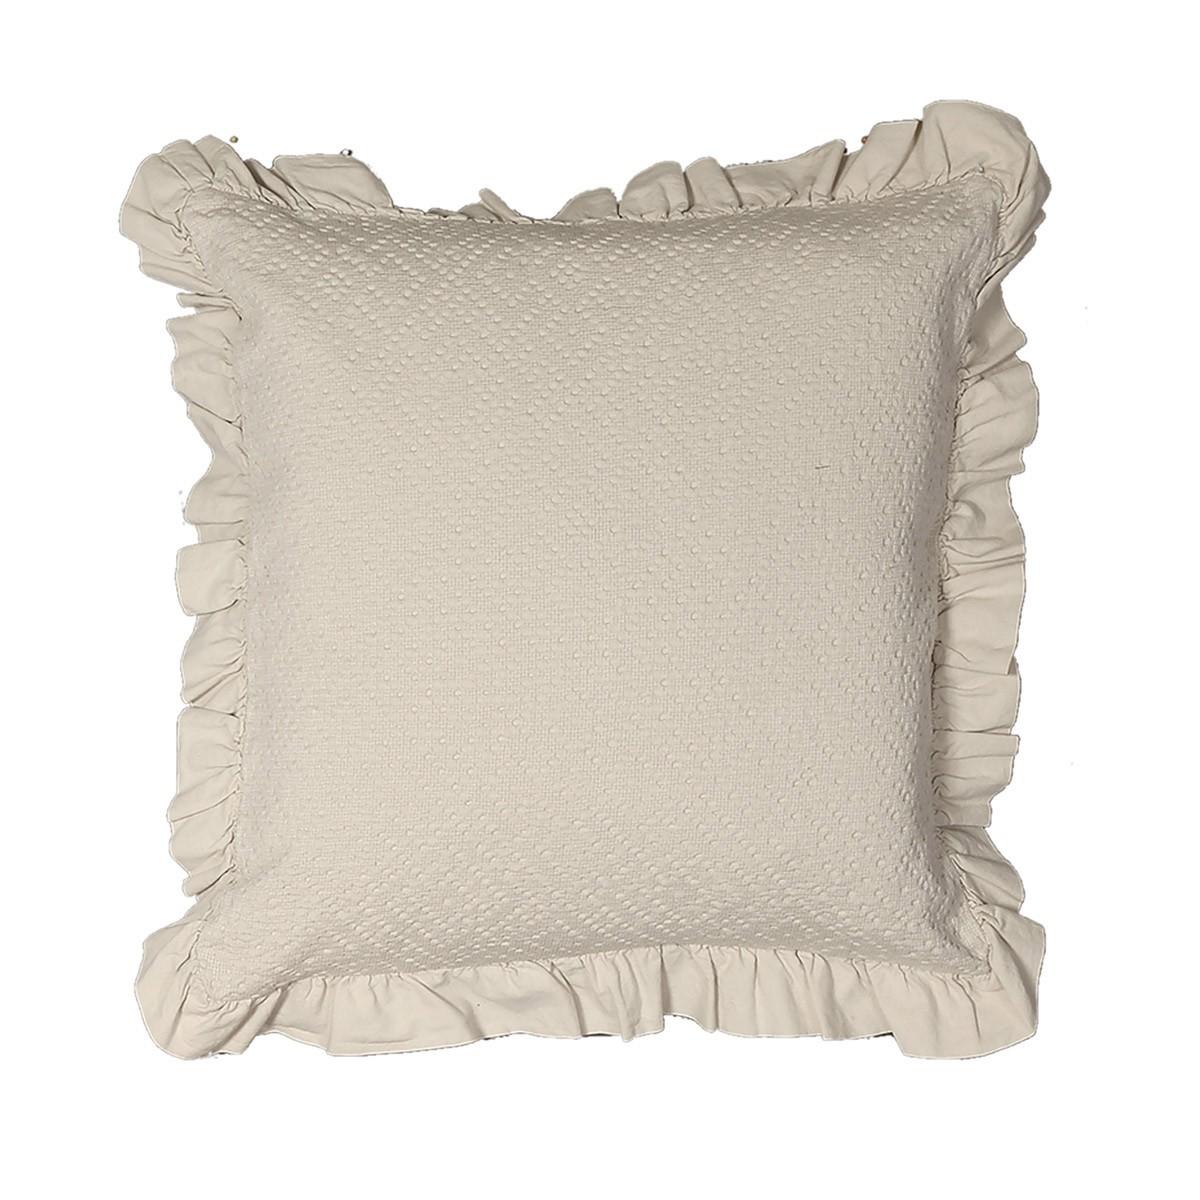 Διακοσμητικό Μαξιλάρι Nef-Nef Anthea Linen home   κρεβατοκάμαρα   διακοσμητικά μαξιλάρια